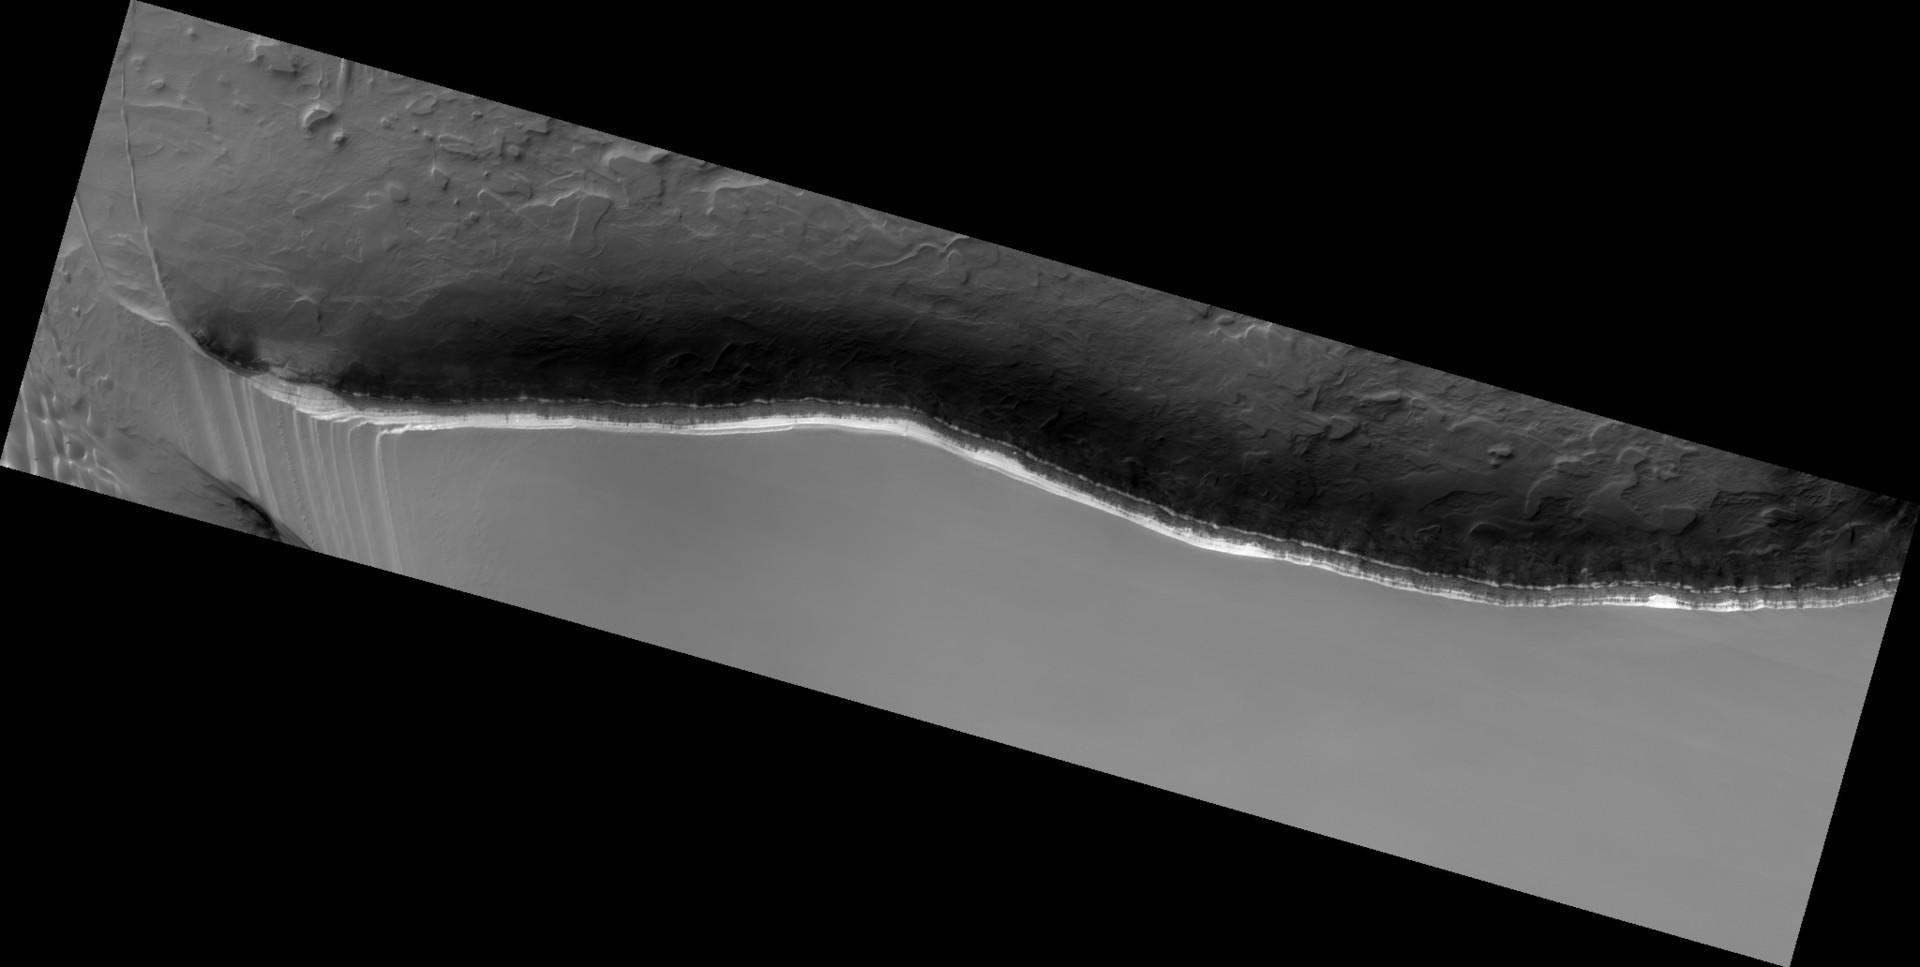 Una avalancha de dióxido de carbono en Marte